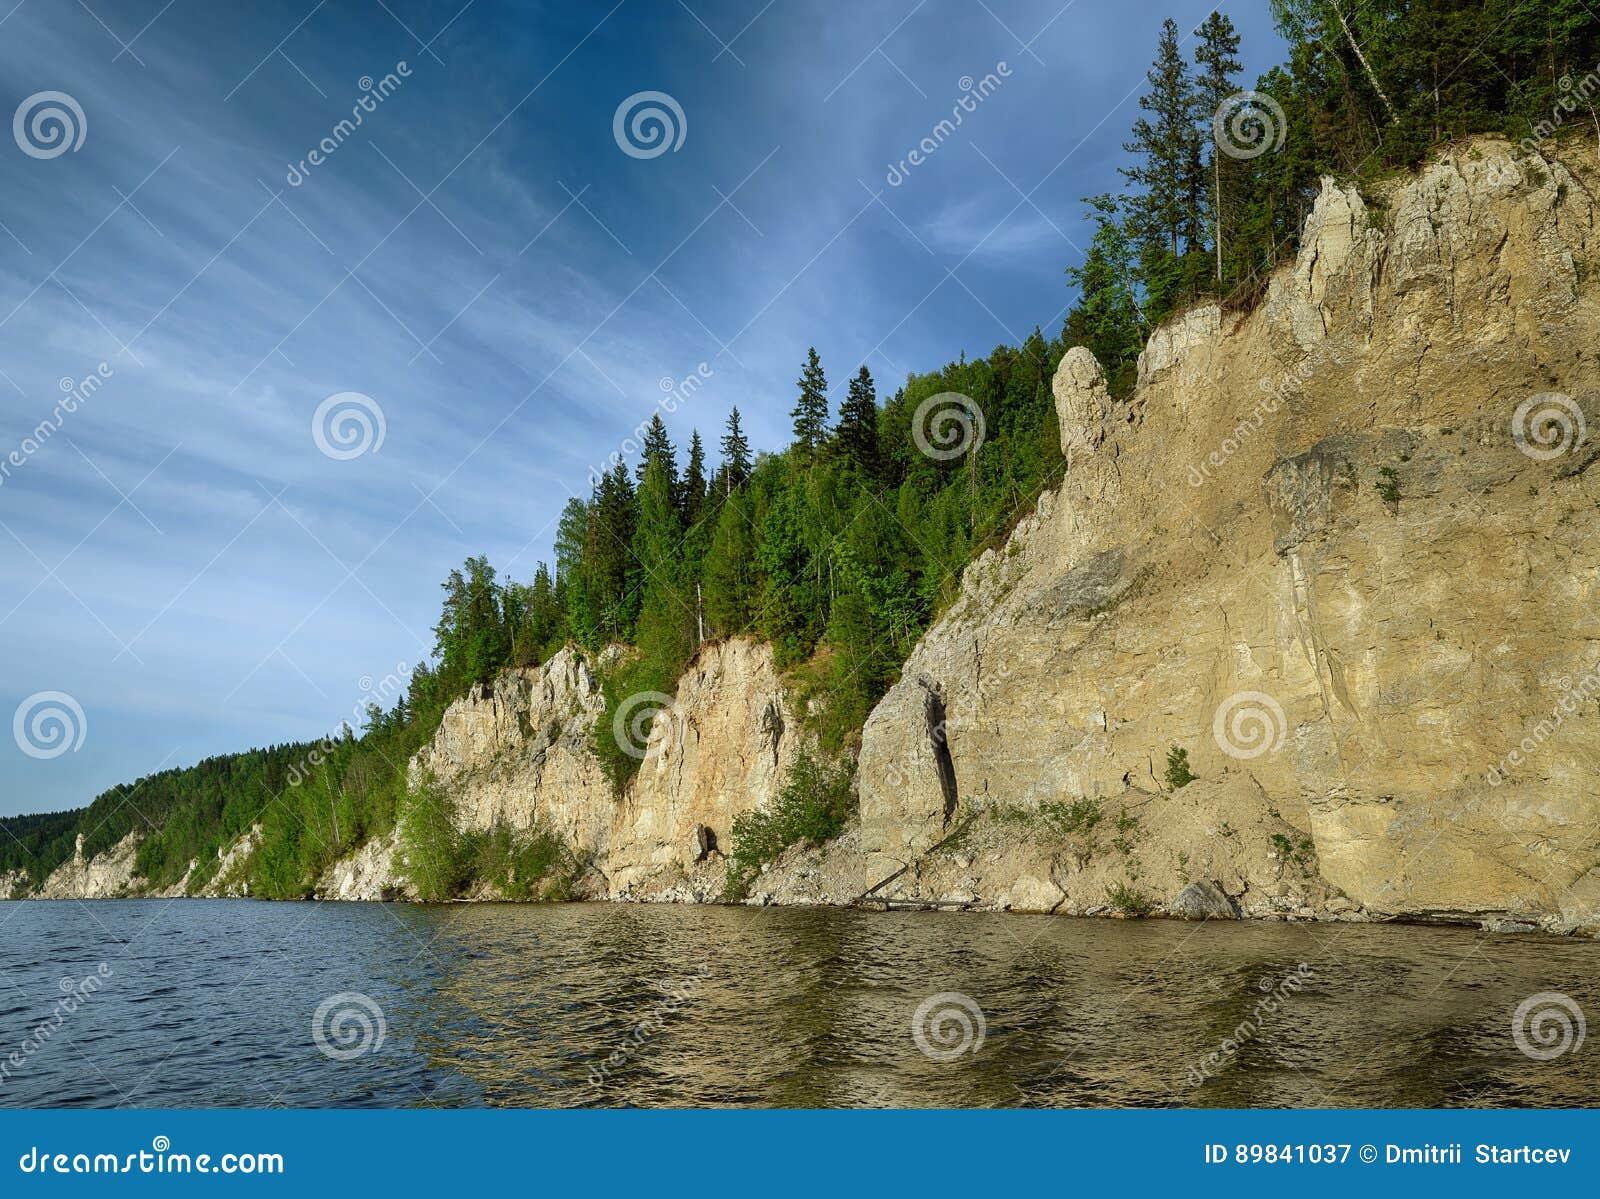 Landschap met een rots van ongebruikelijke vorm in de vorm van een penis